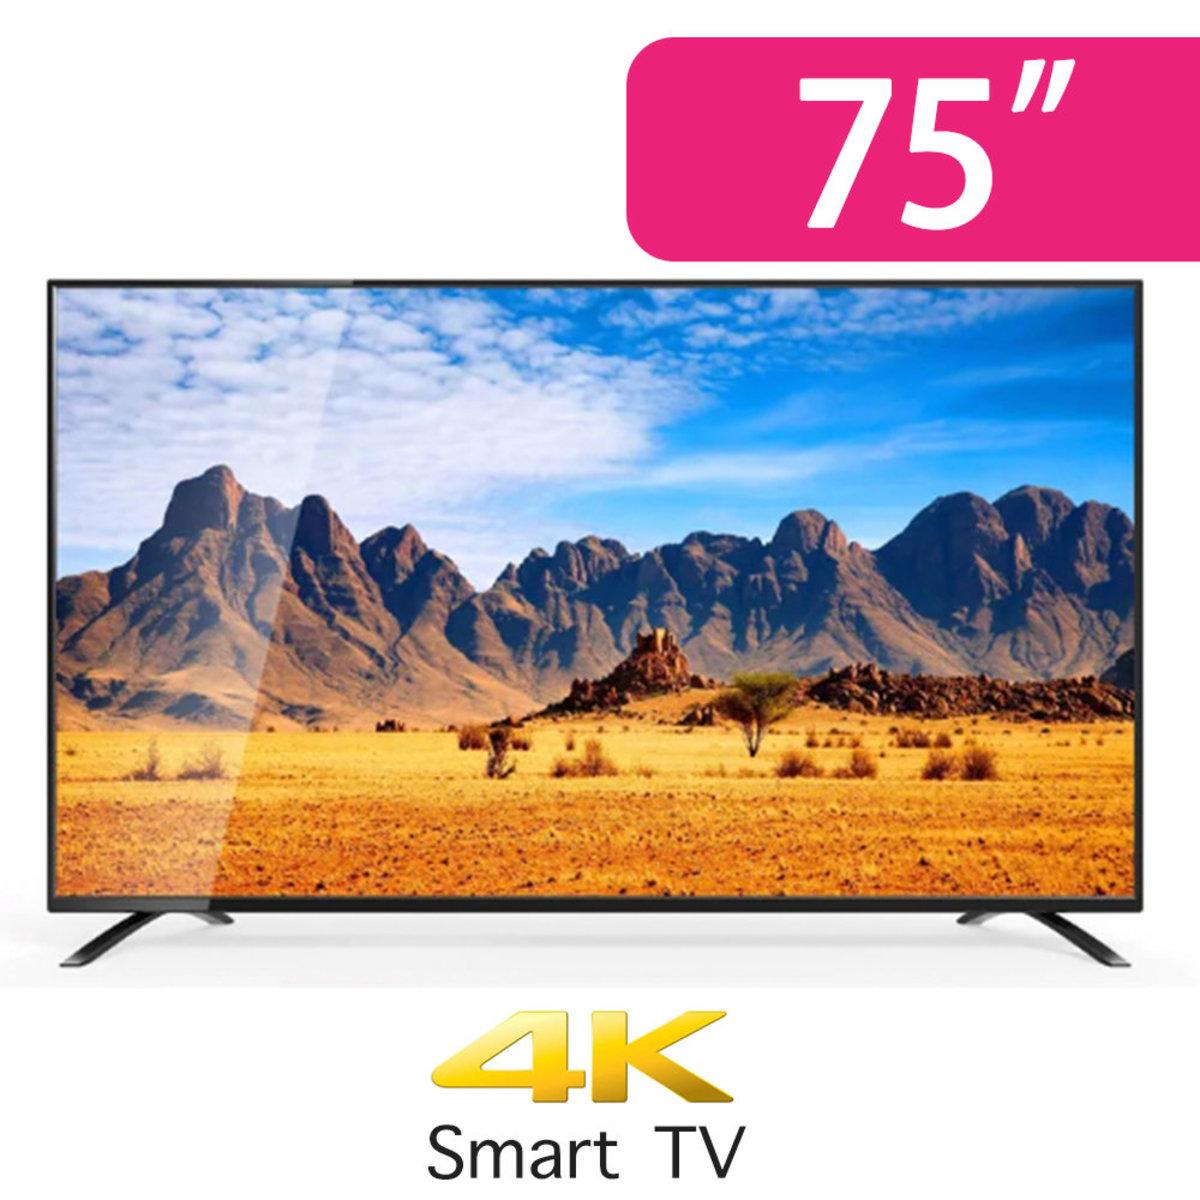 75吋 4K 超高清智能電視 - LE-75SWML2 (原裝行貨)